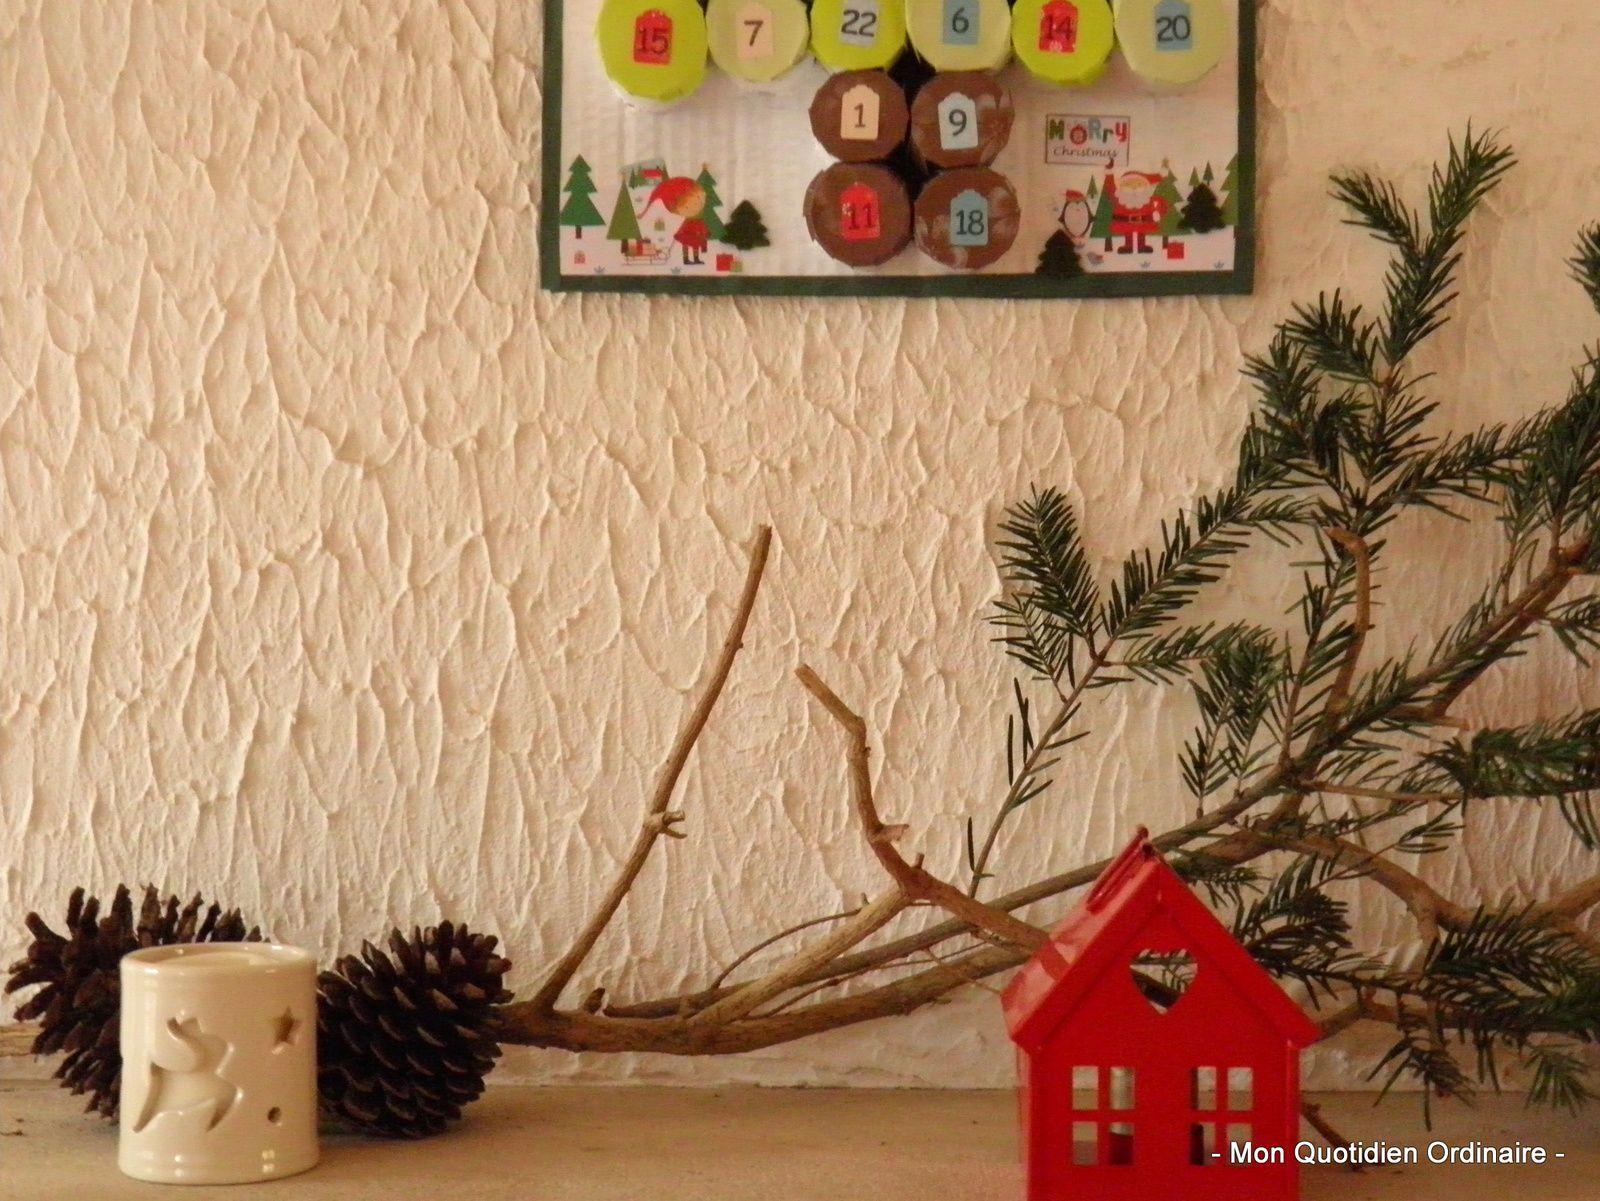 Noël 2014 - Notre Calendrier de l'Avent